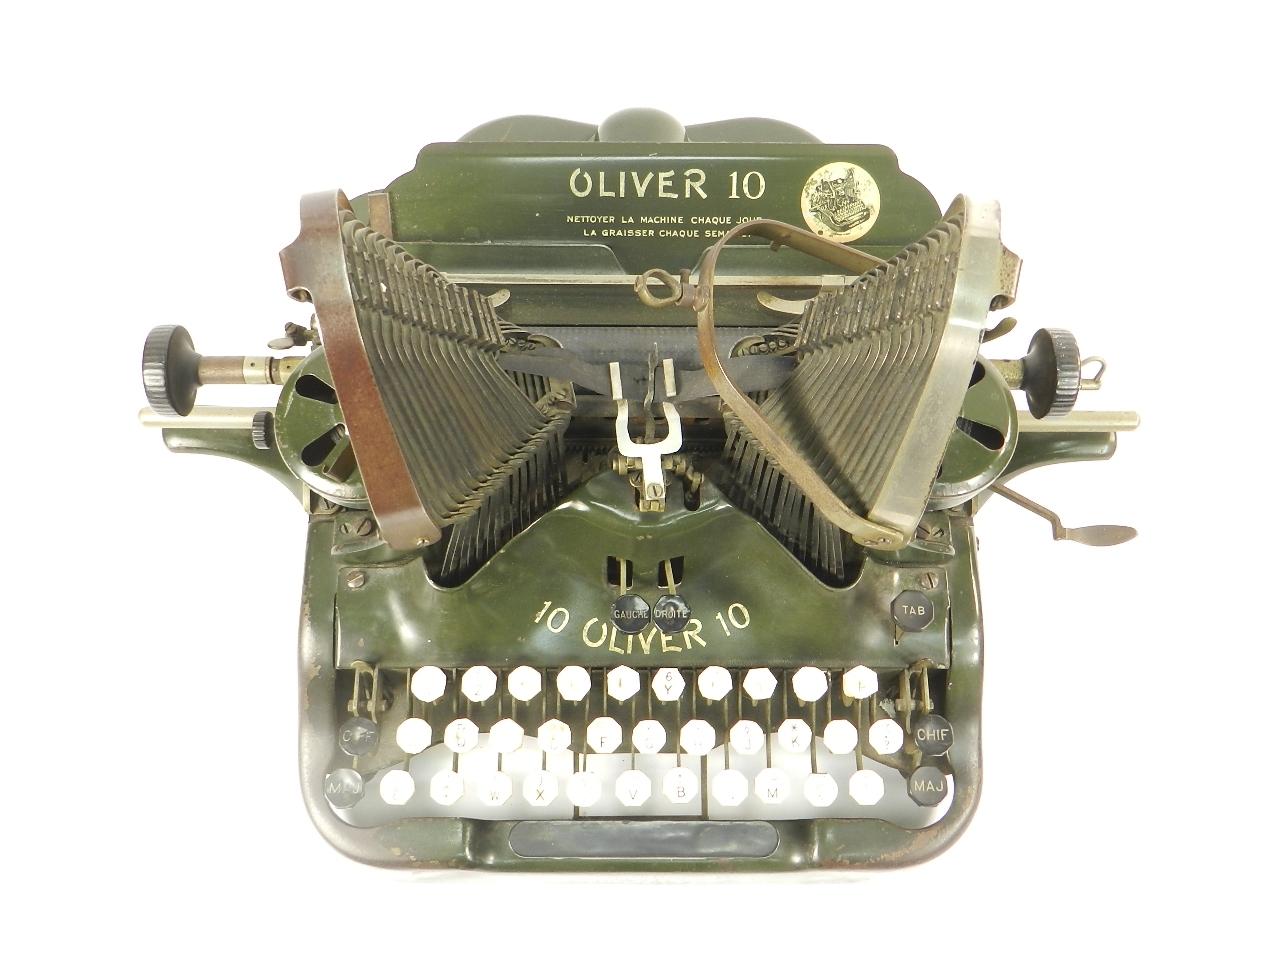 Imagen OLIVER Nº10 AÑO 1914 39973